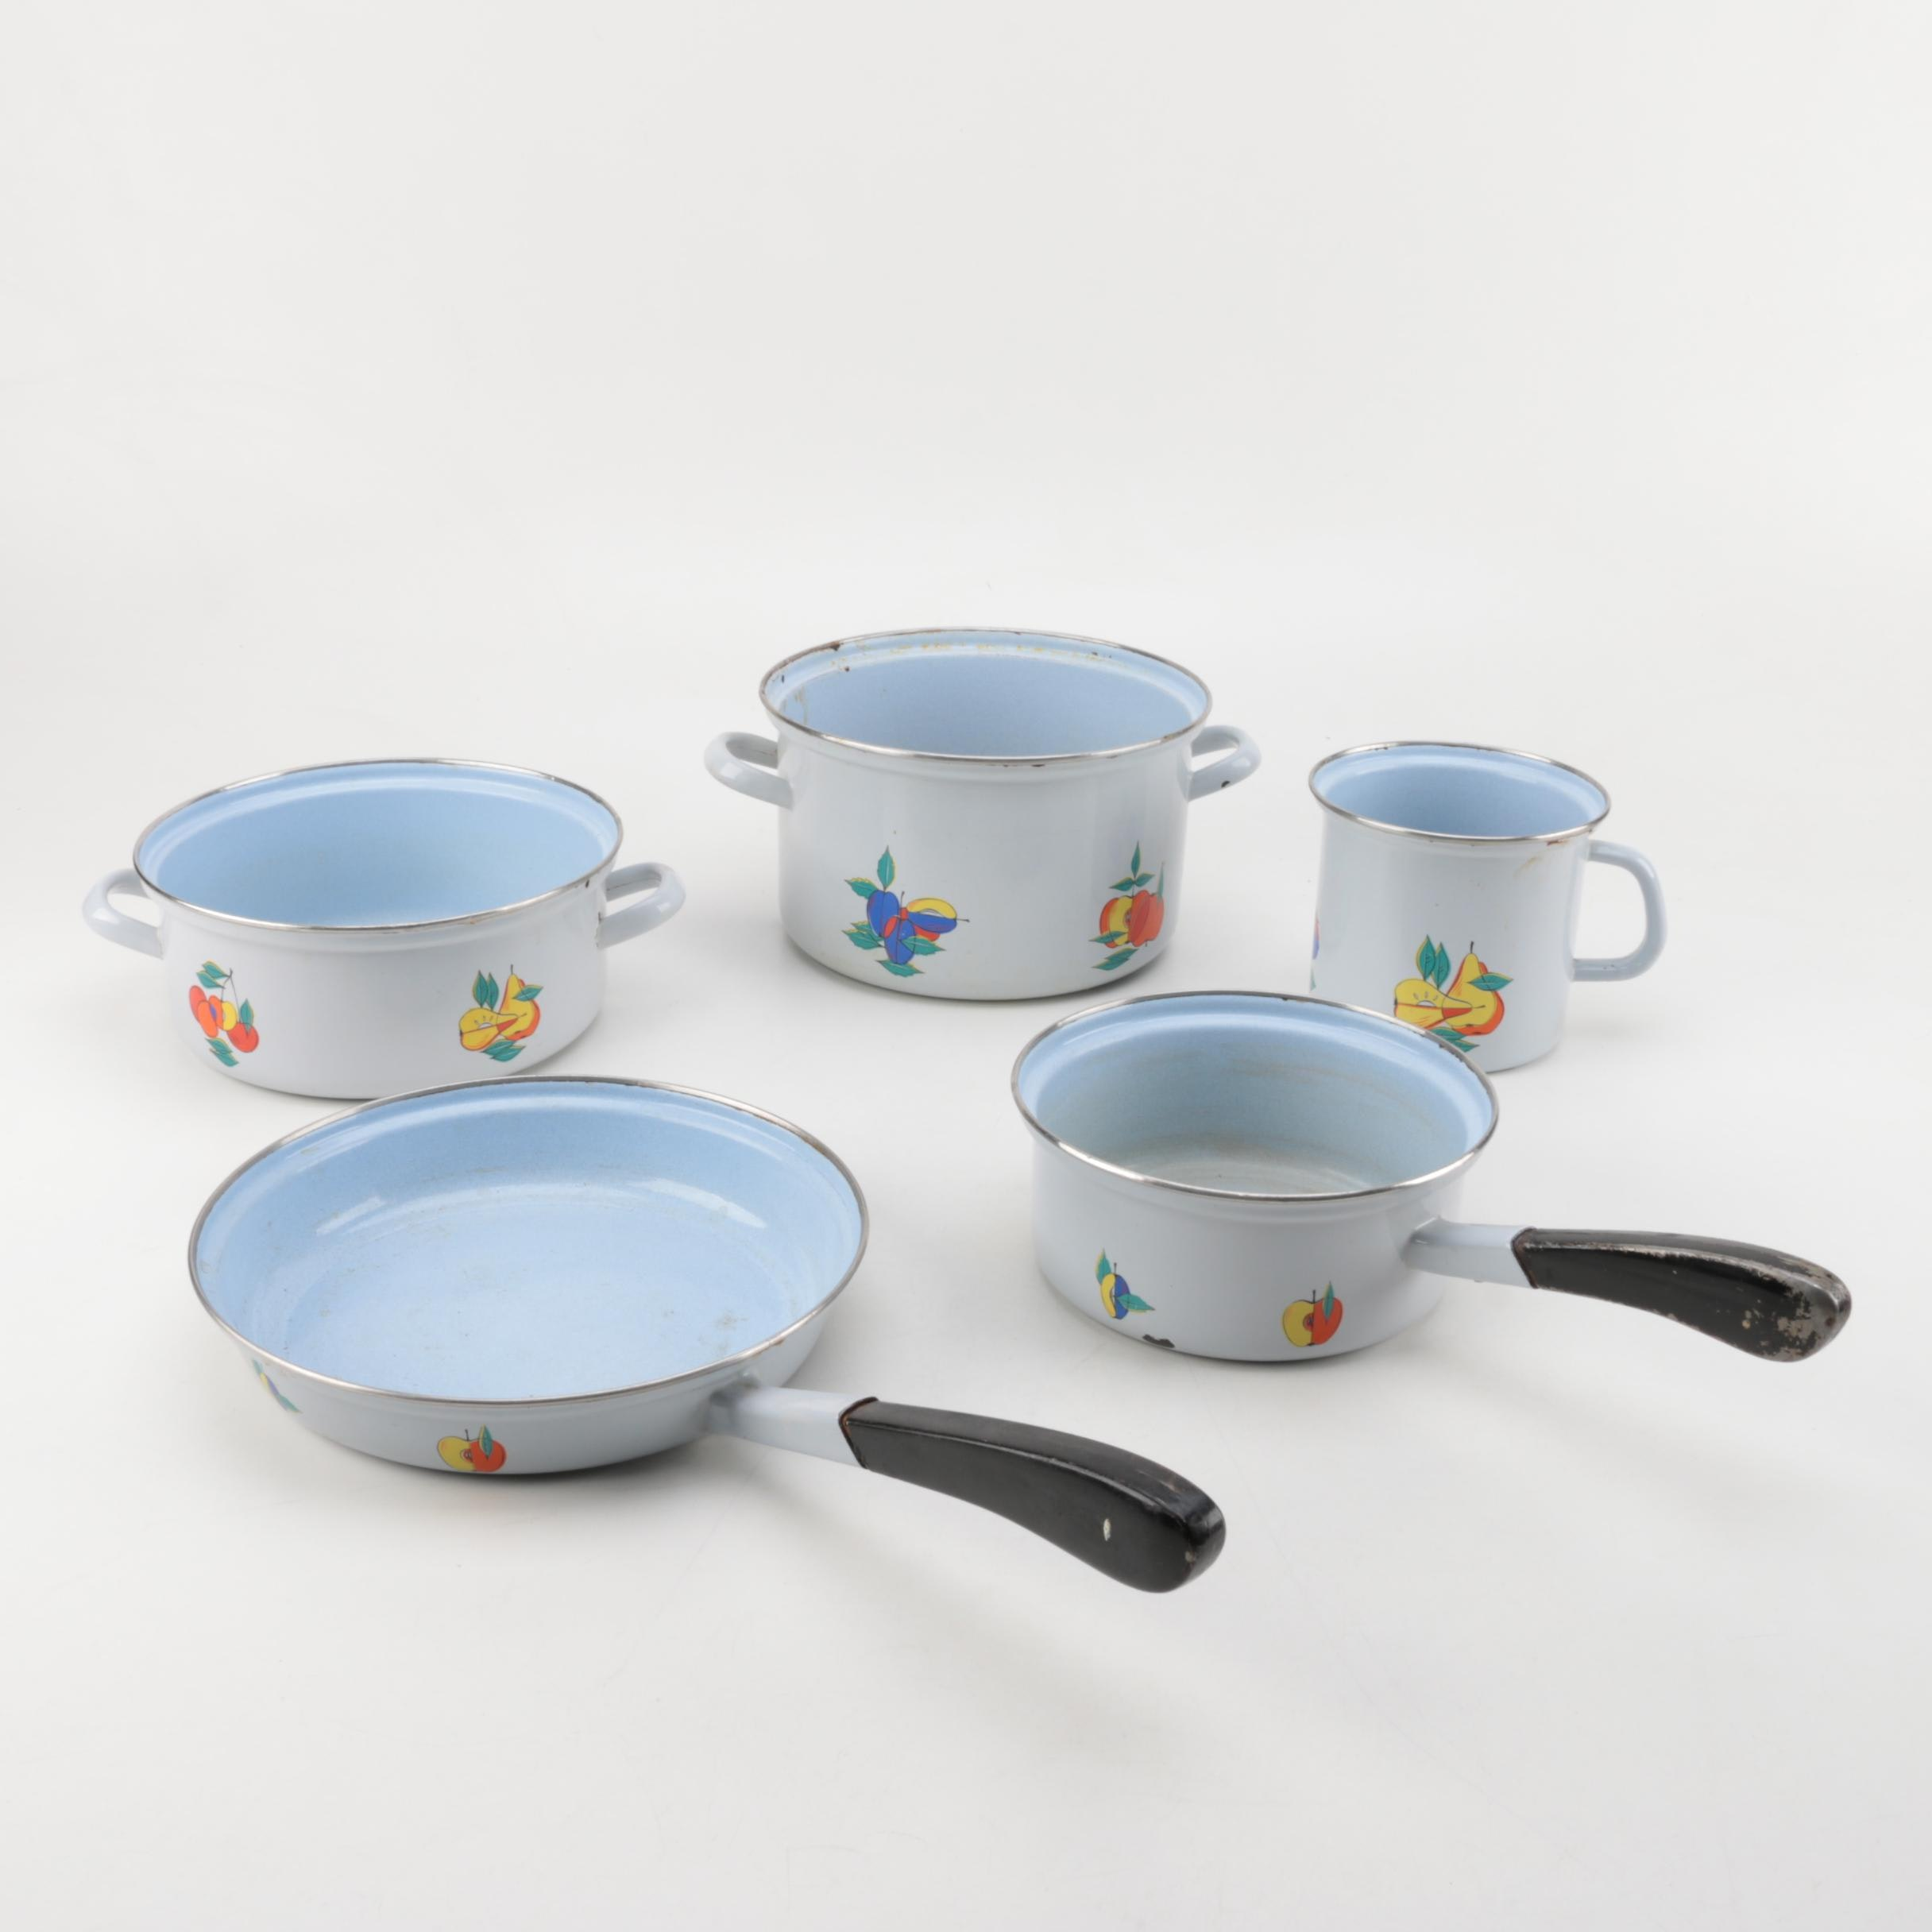 Vintage Enameled Cookware Light Blue with Fruit Design